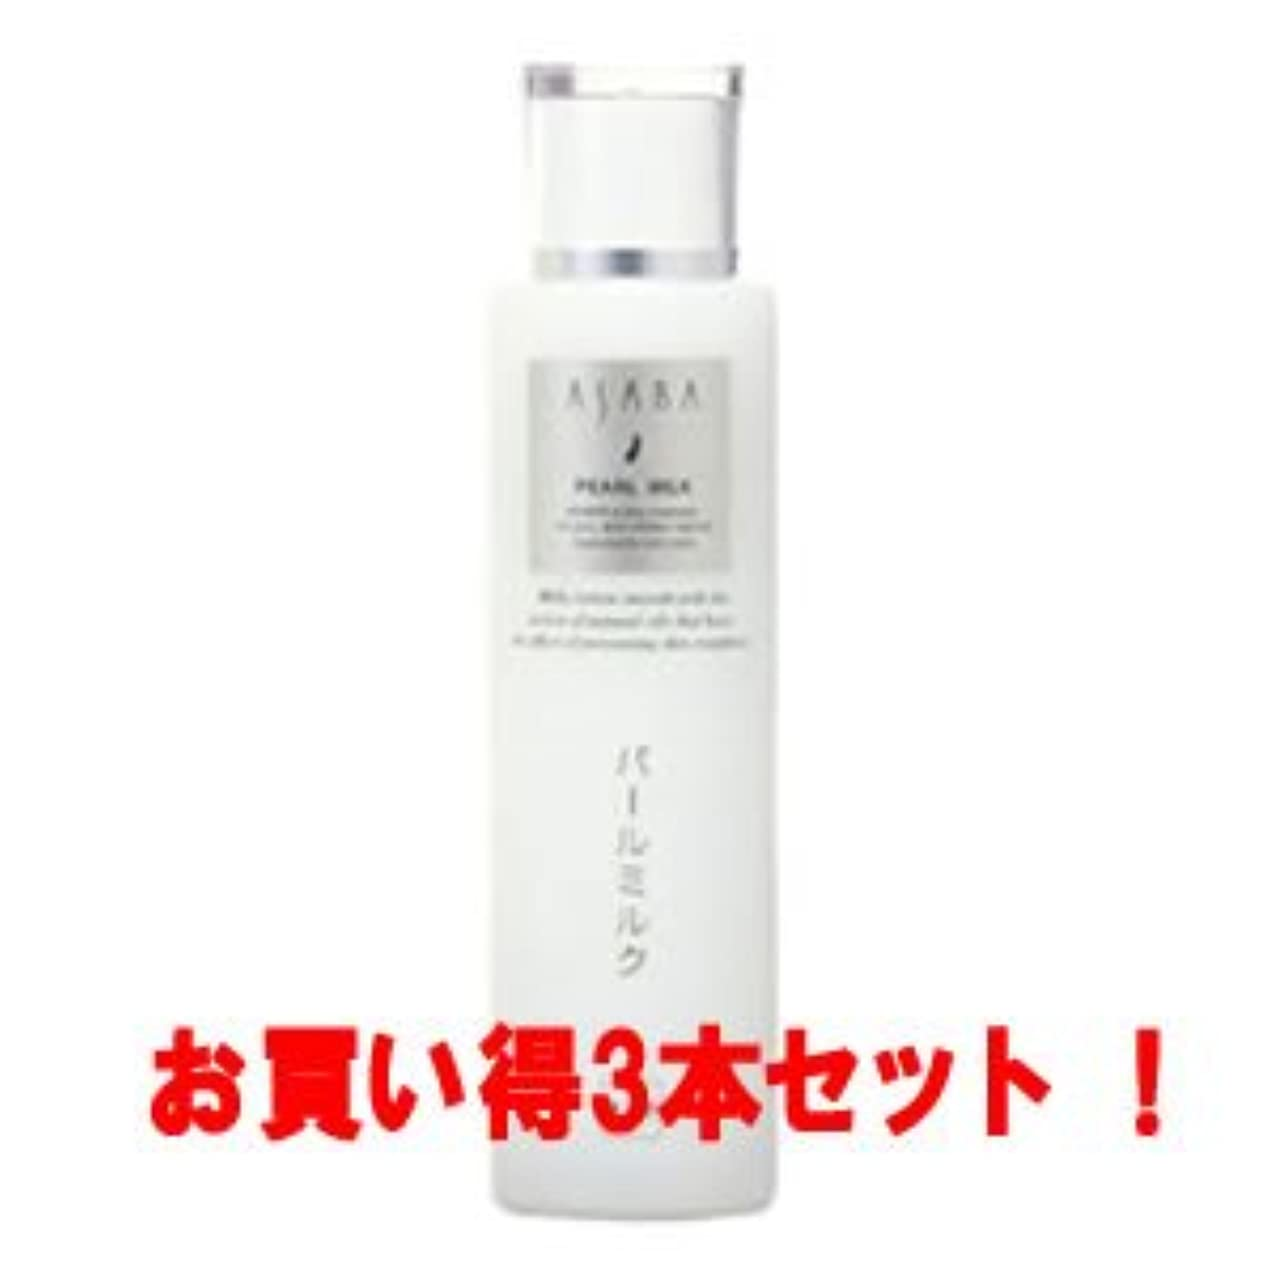 テラス本土船酔い(アサバ化粧品)アサバ パールミルク100ml(お買い得3本セット)